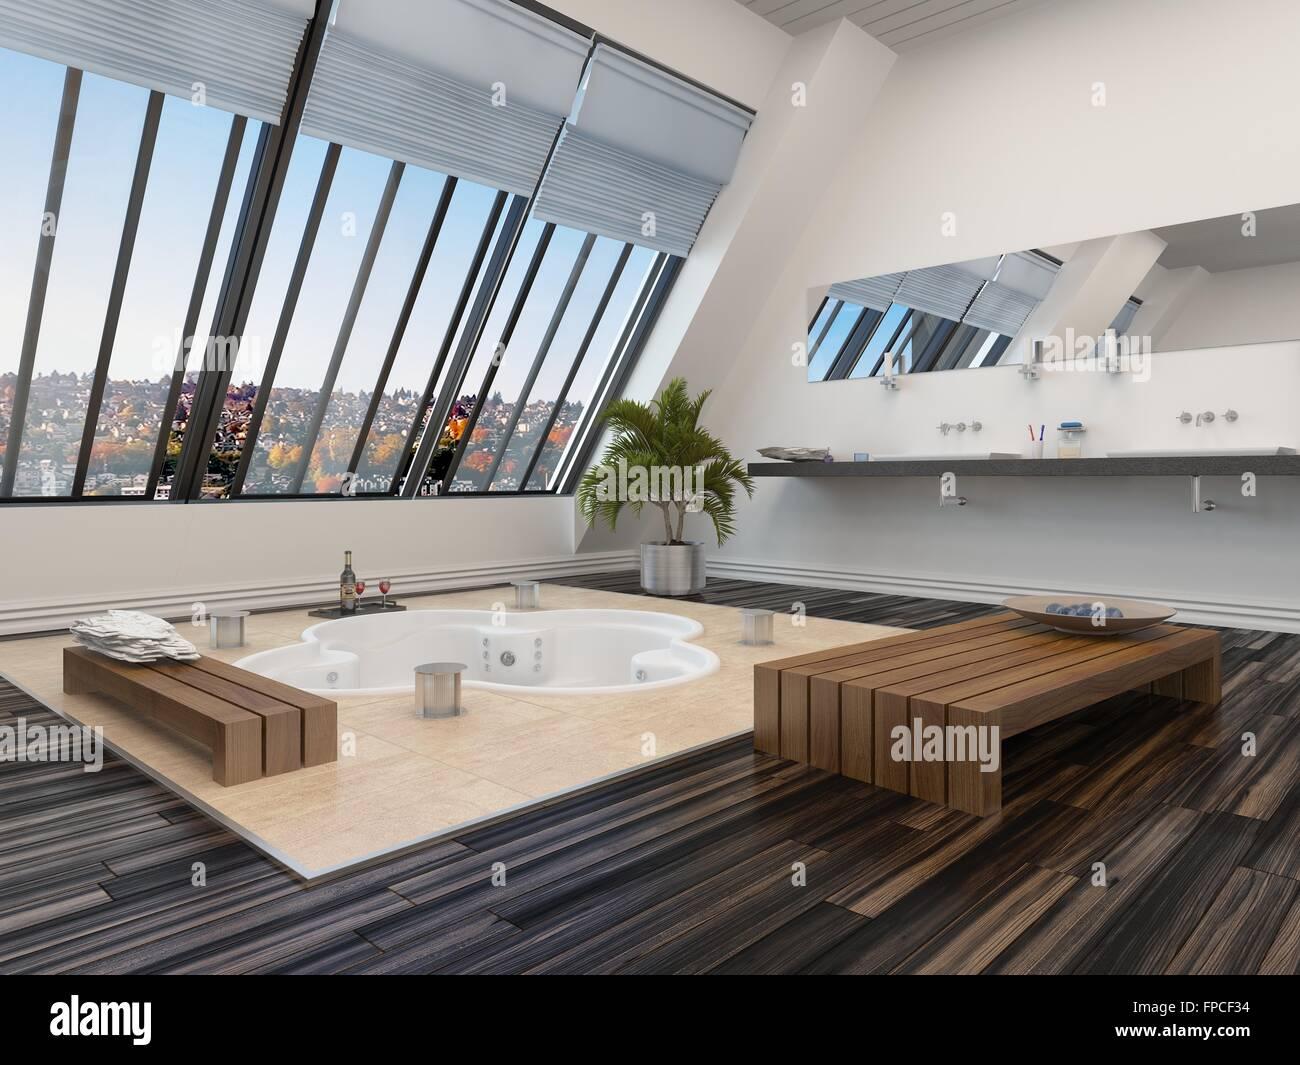 Bagno Moderno Con Parquet.Moderno Bagno Interno Con Un Relitto Bagno Termale In Un Pavimento